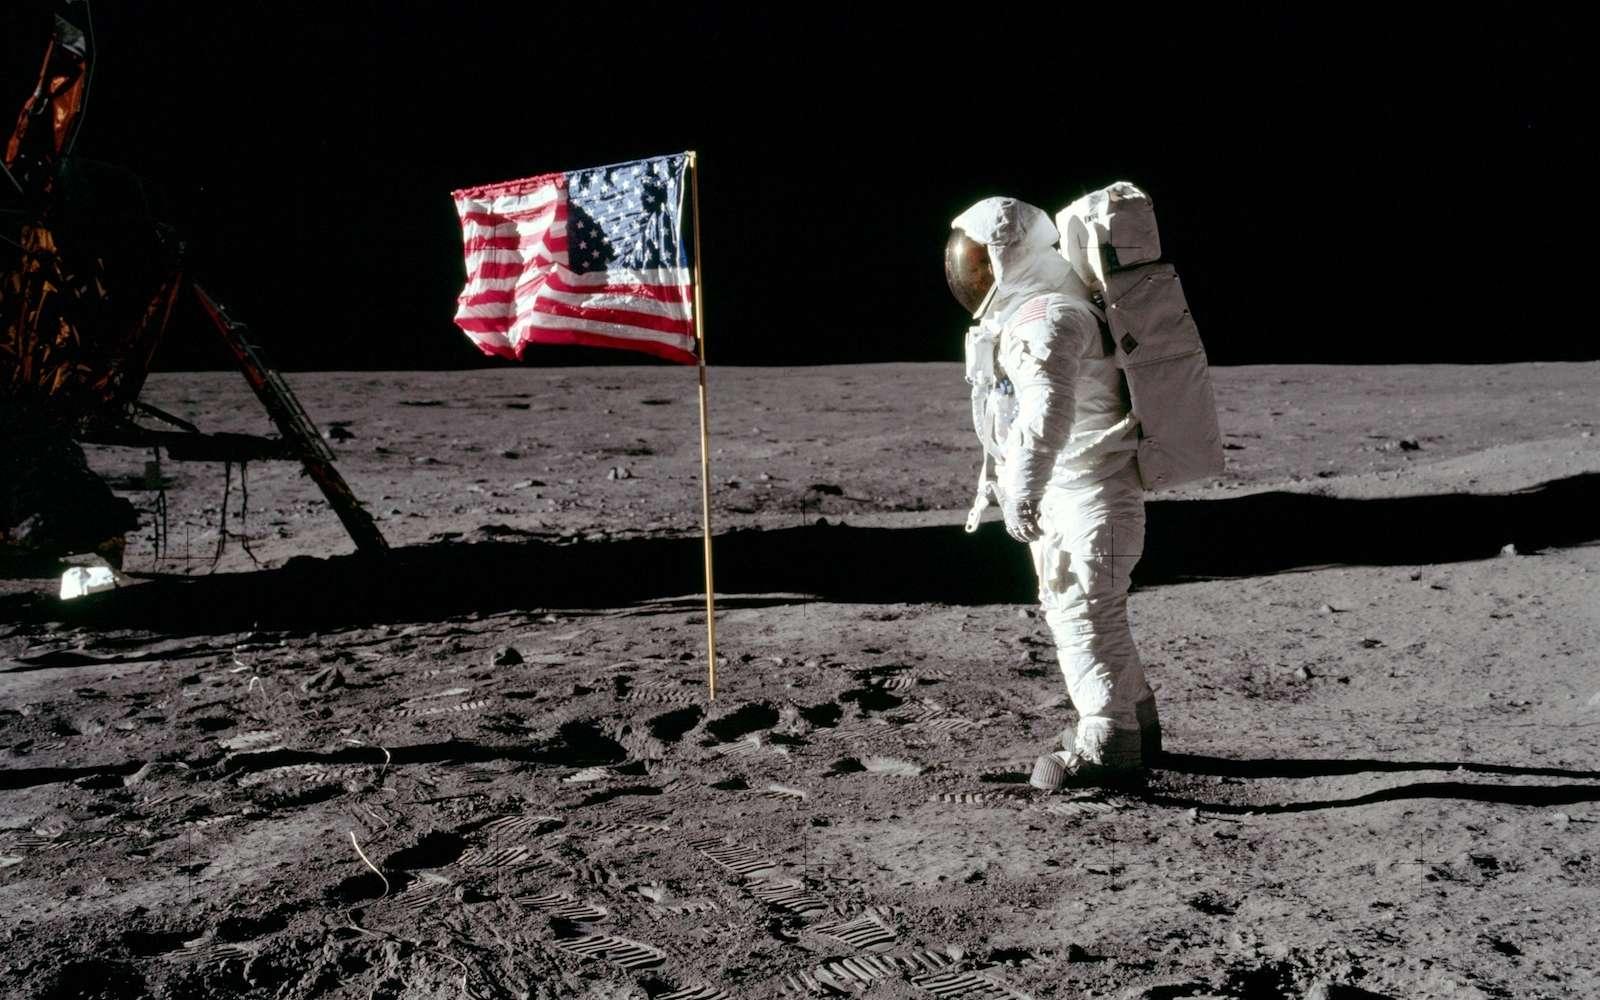 Derrière la mission Apollo 11, on trouve des ordinateurs rudimentaires, peu puissants et pourtant indispensables pour ramener l'équipage sur Terre. © Nasa